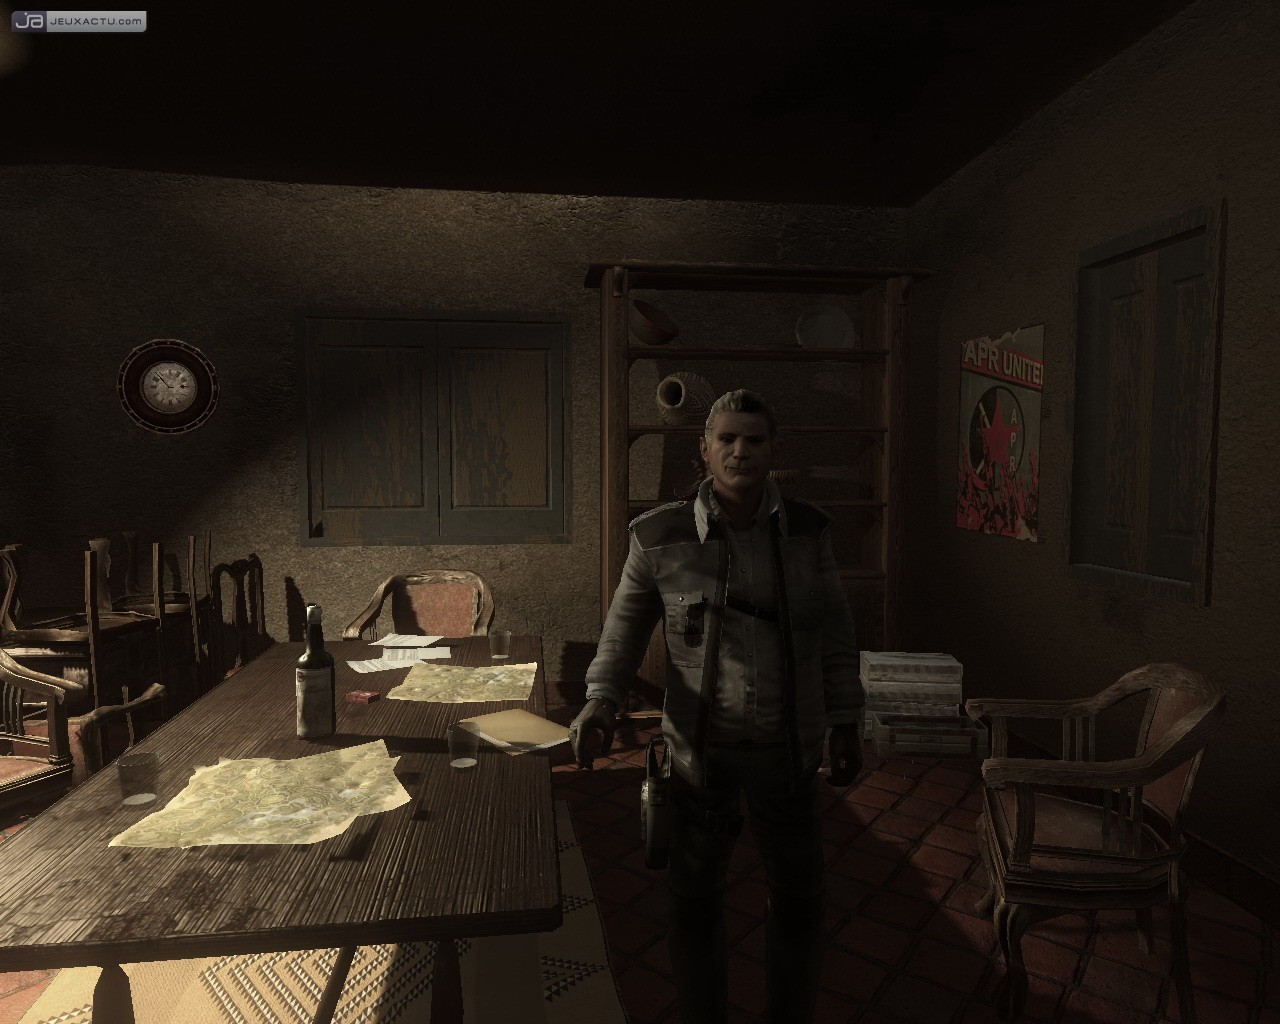 <b>Far</b> <b>Cry</b> <b>4</b> dévoile l'<b>arène</b> en vidéo - gameblog.fr